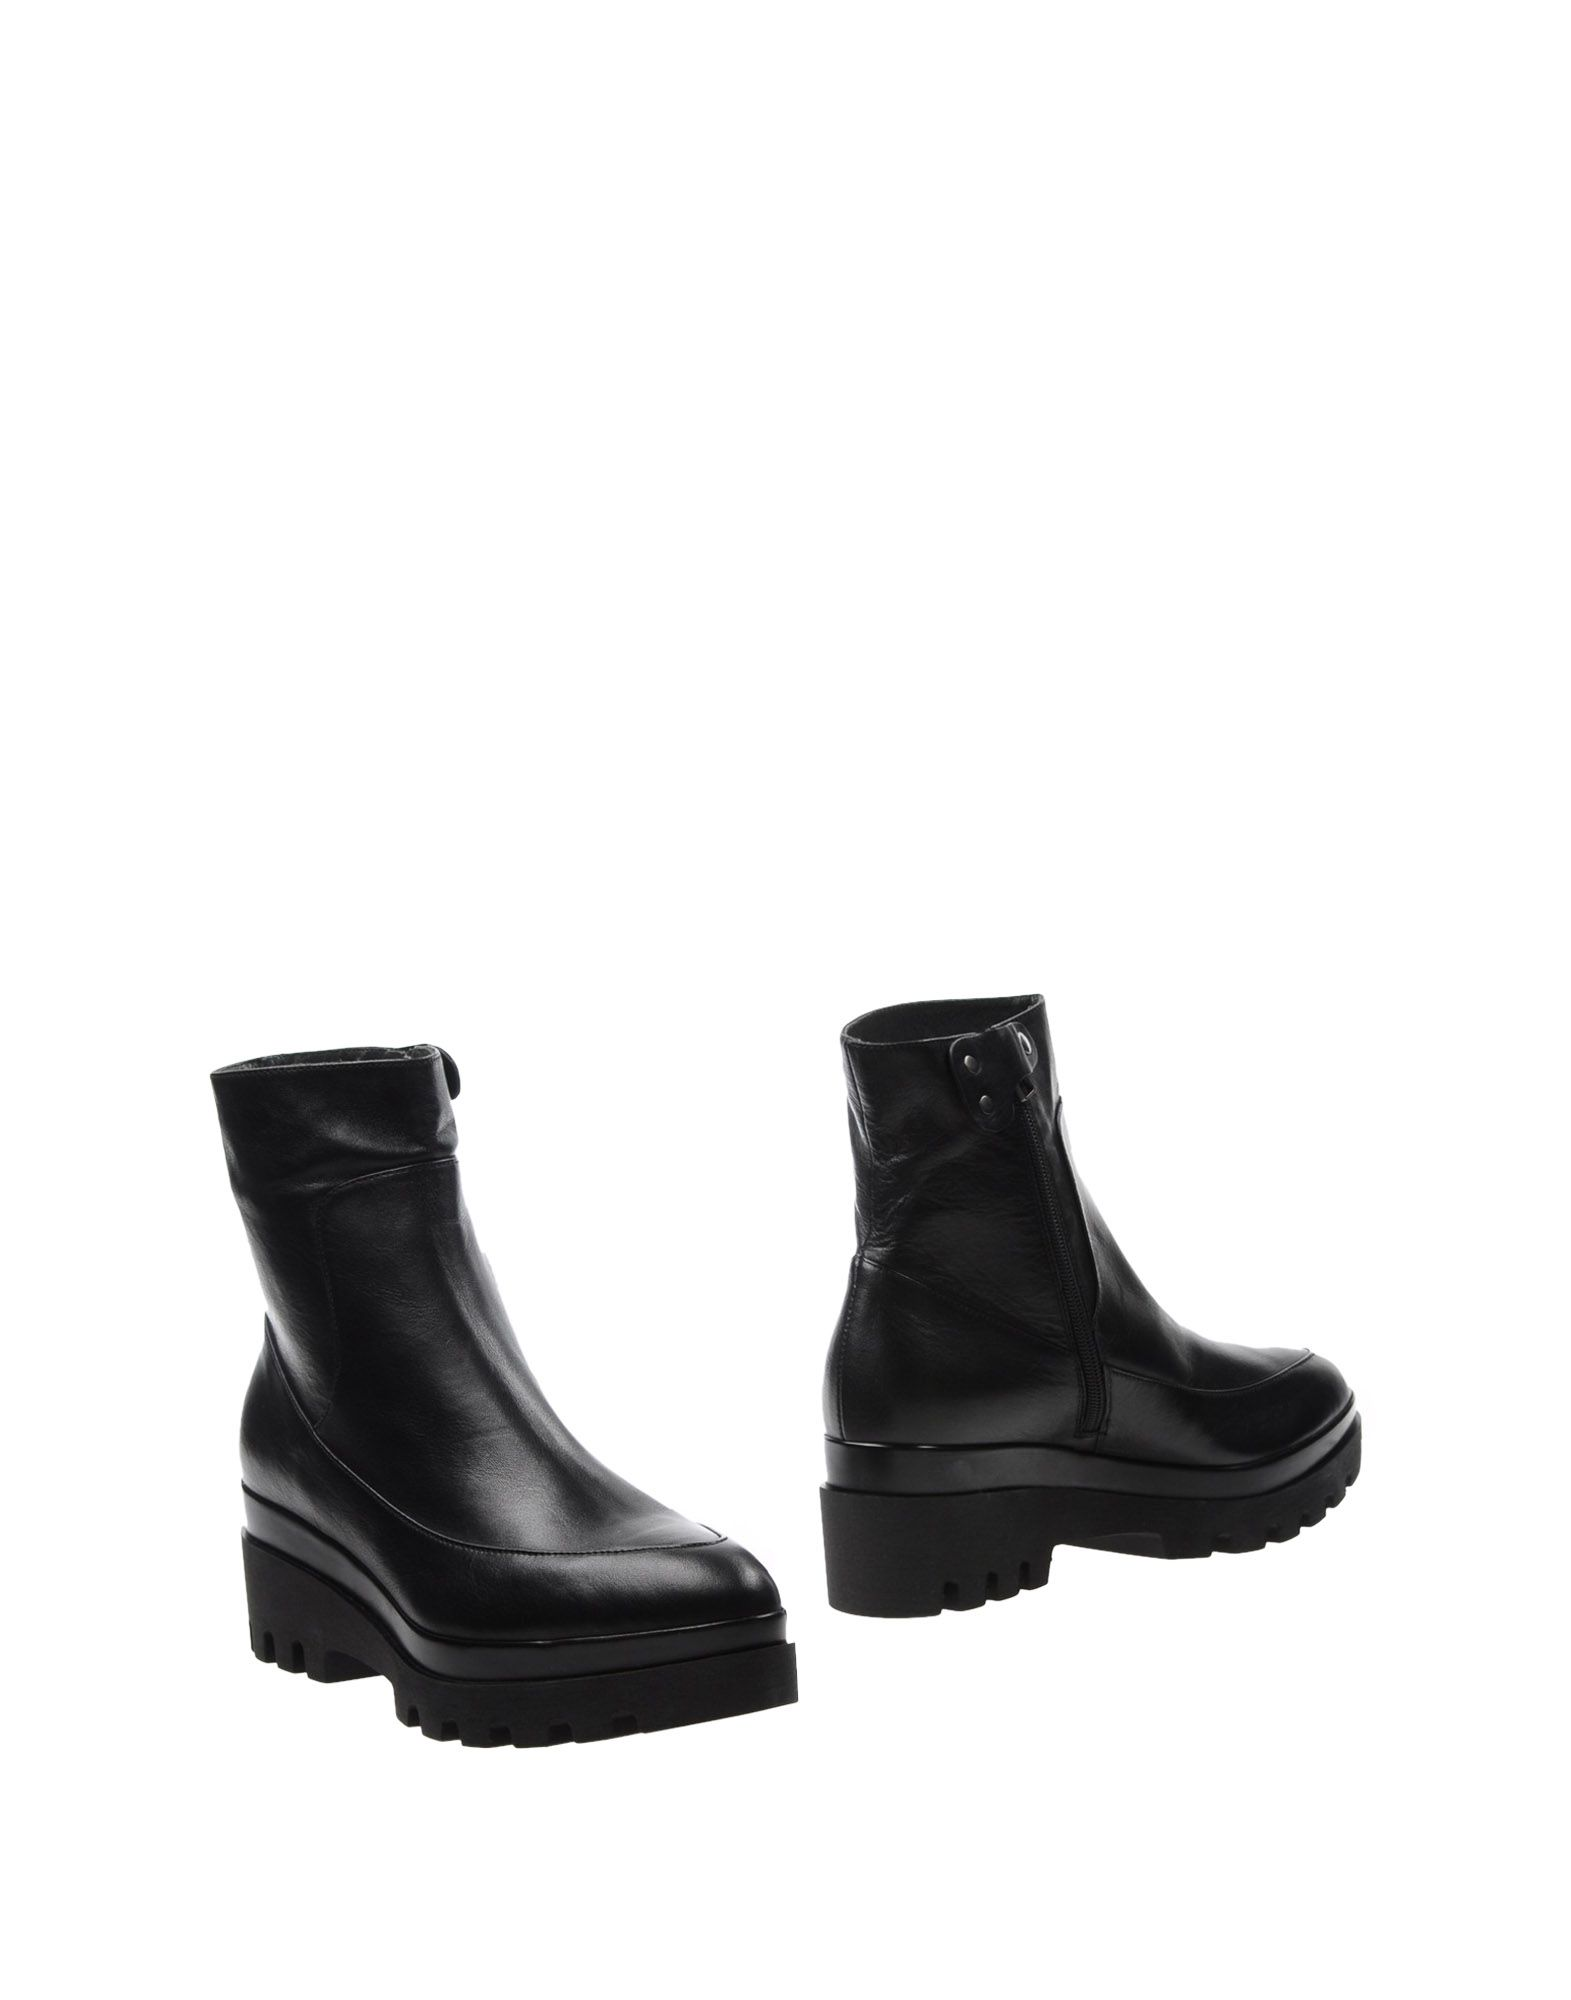 Gut um billige Schuhe Damen zu tragenJanet Sport Stiefelette Damen Schuhe  11287987PU 5a67f2